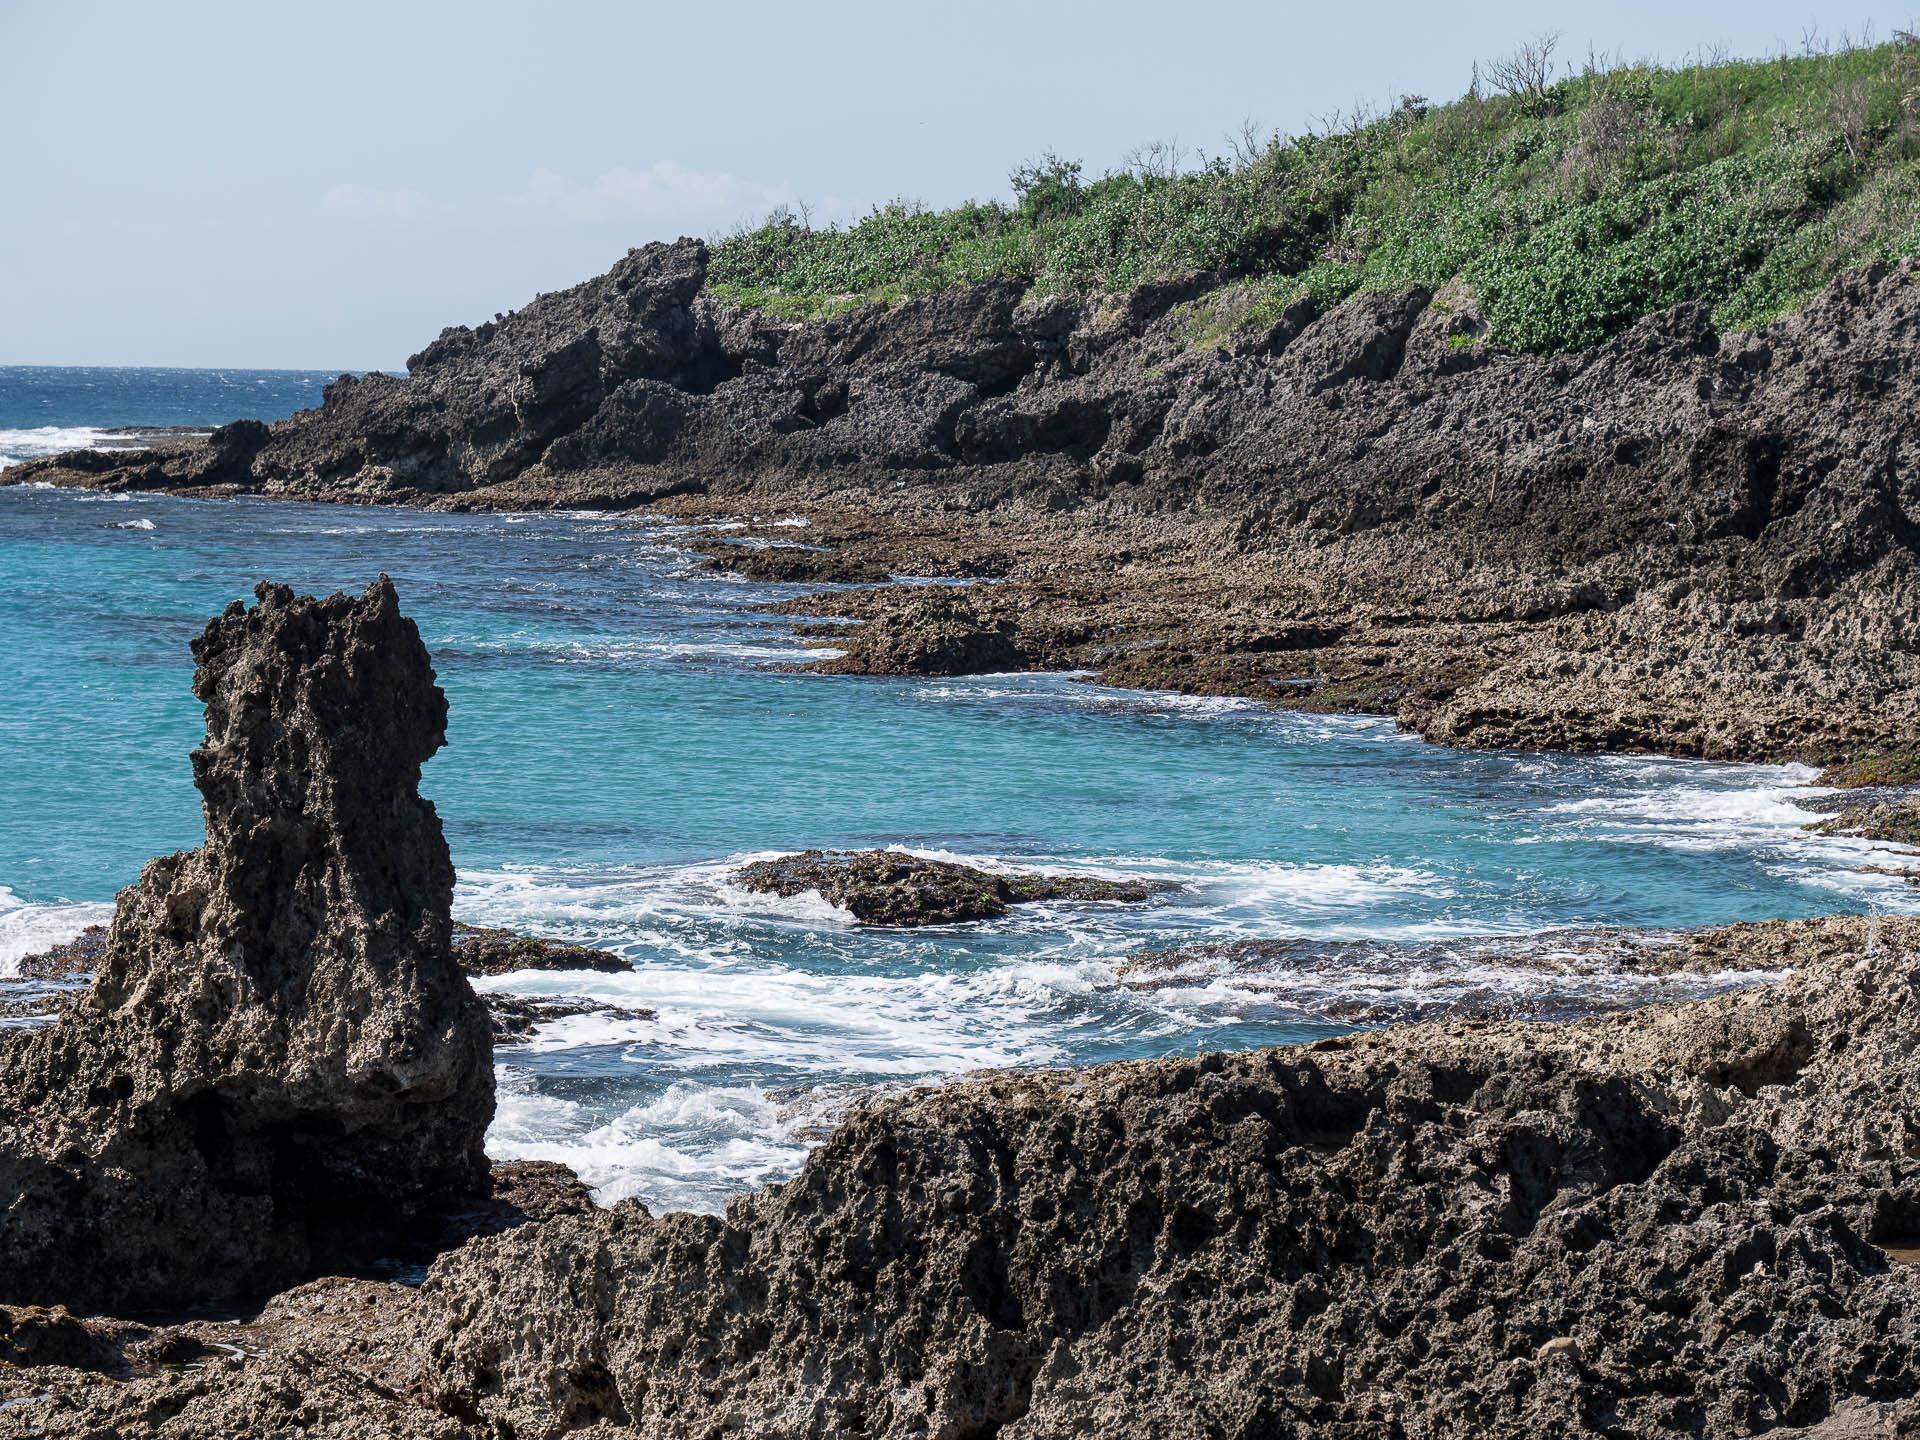 baisha détail - Les globe blogueurs - blog voyage nature